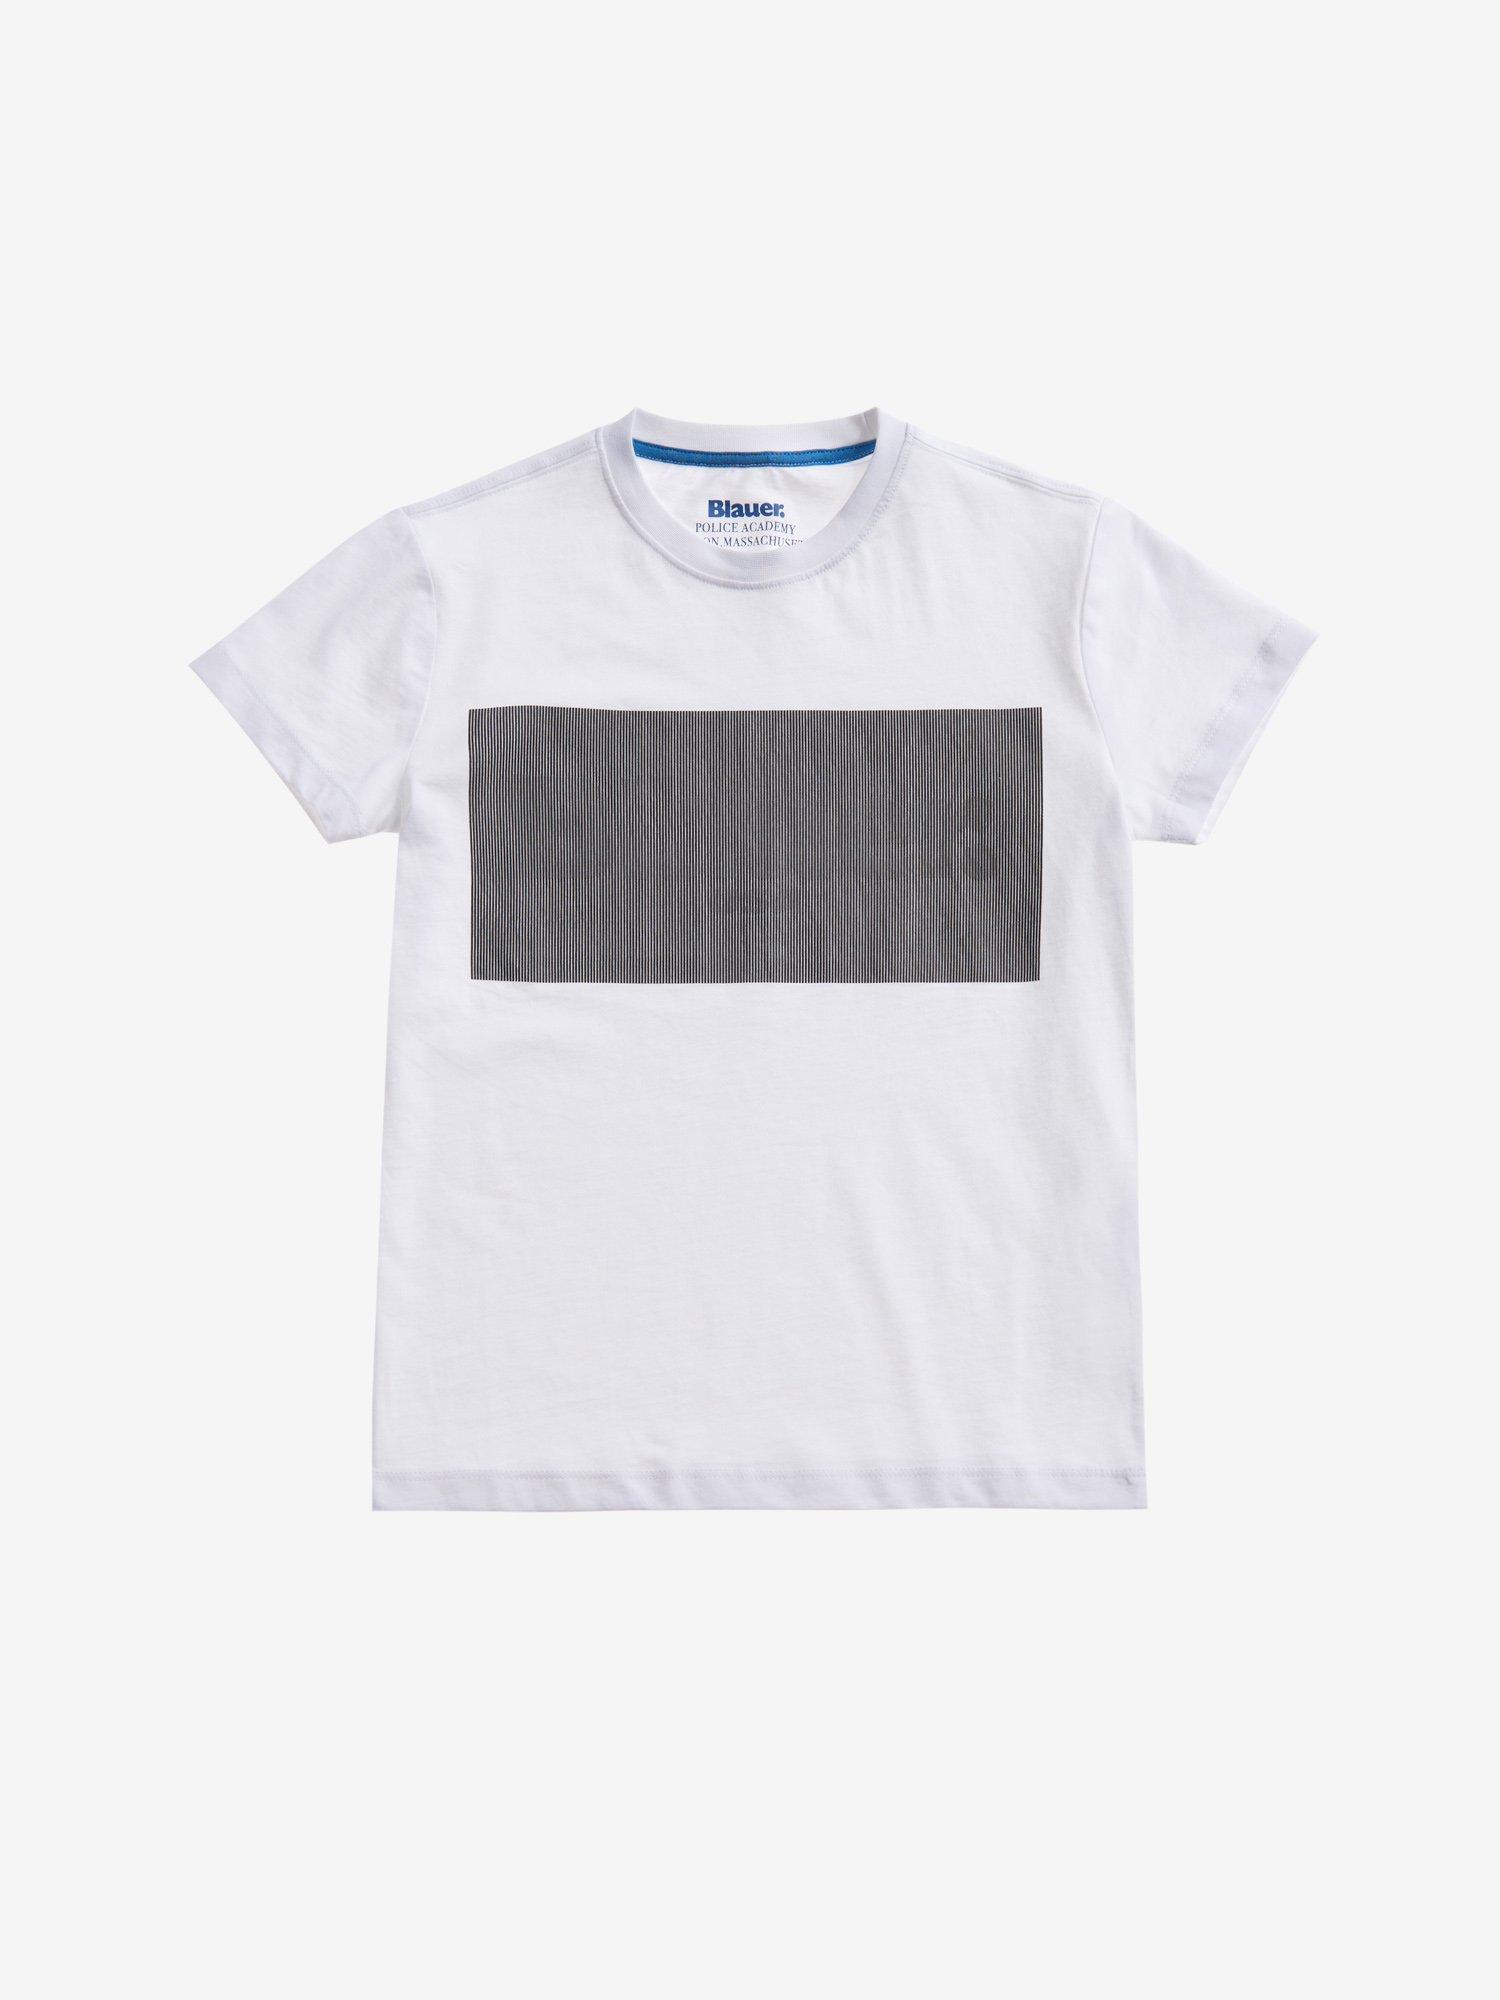 Blauer - T-SHIRT BAMBINO CON STAMPA LENTICOLARE - Bianco - Blauer